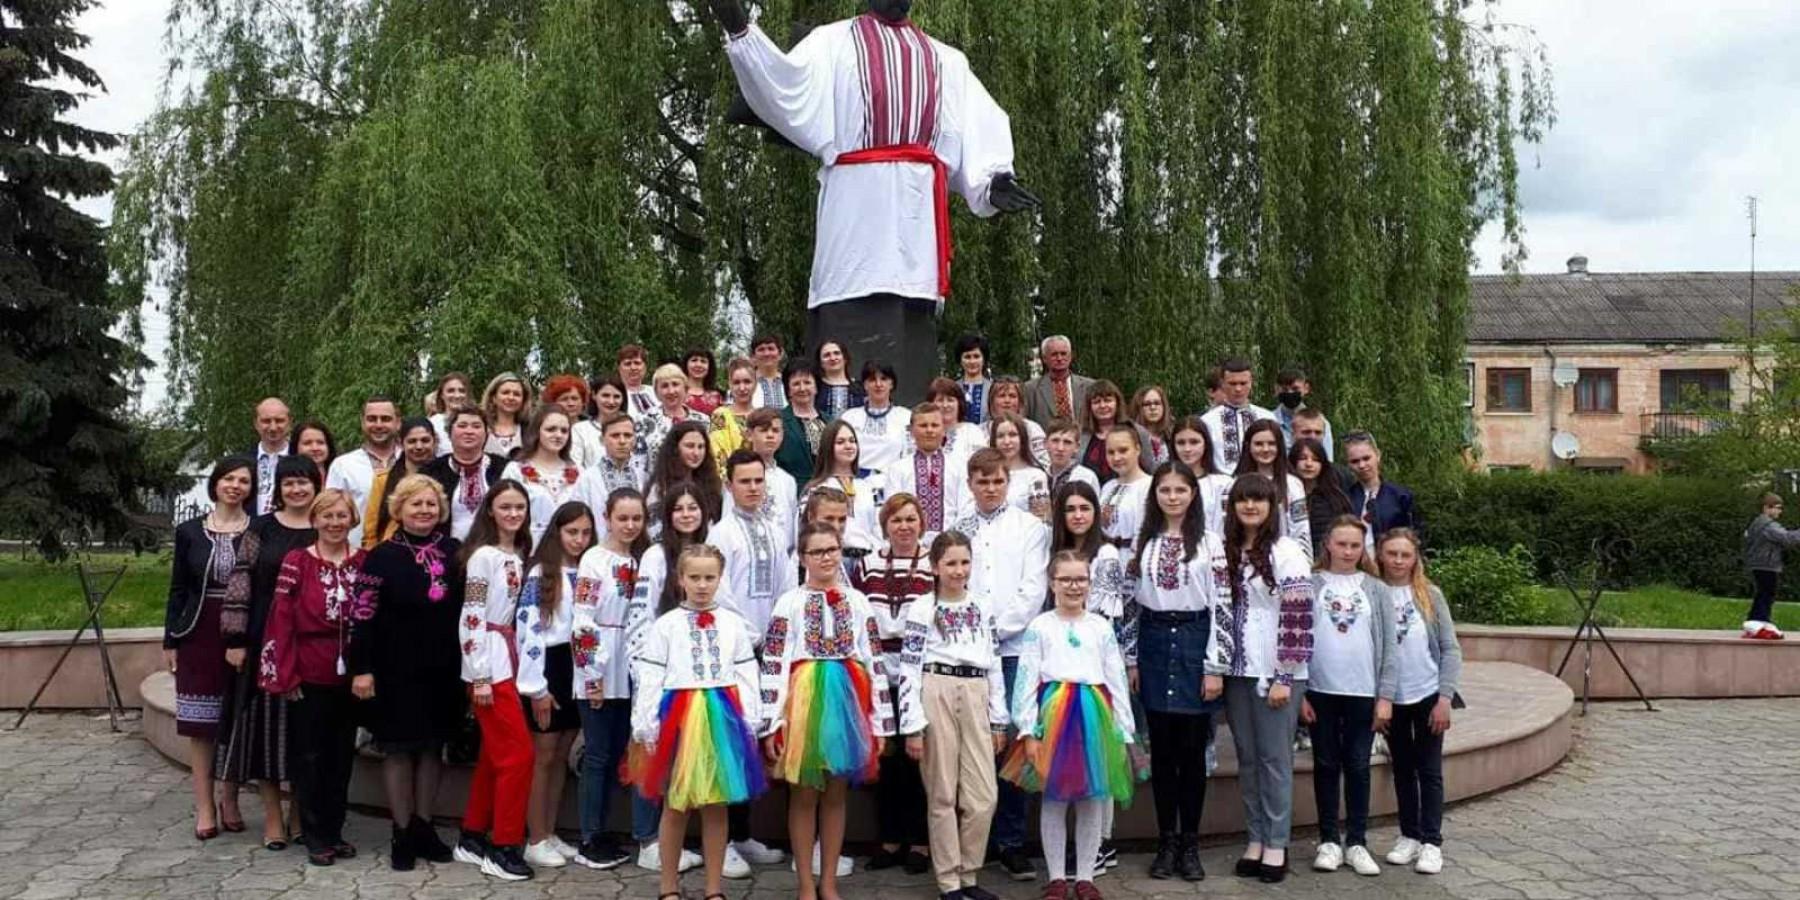 Святкування 15 річниці відзначення Дня вишиванки у Ходорівській громаді